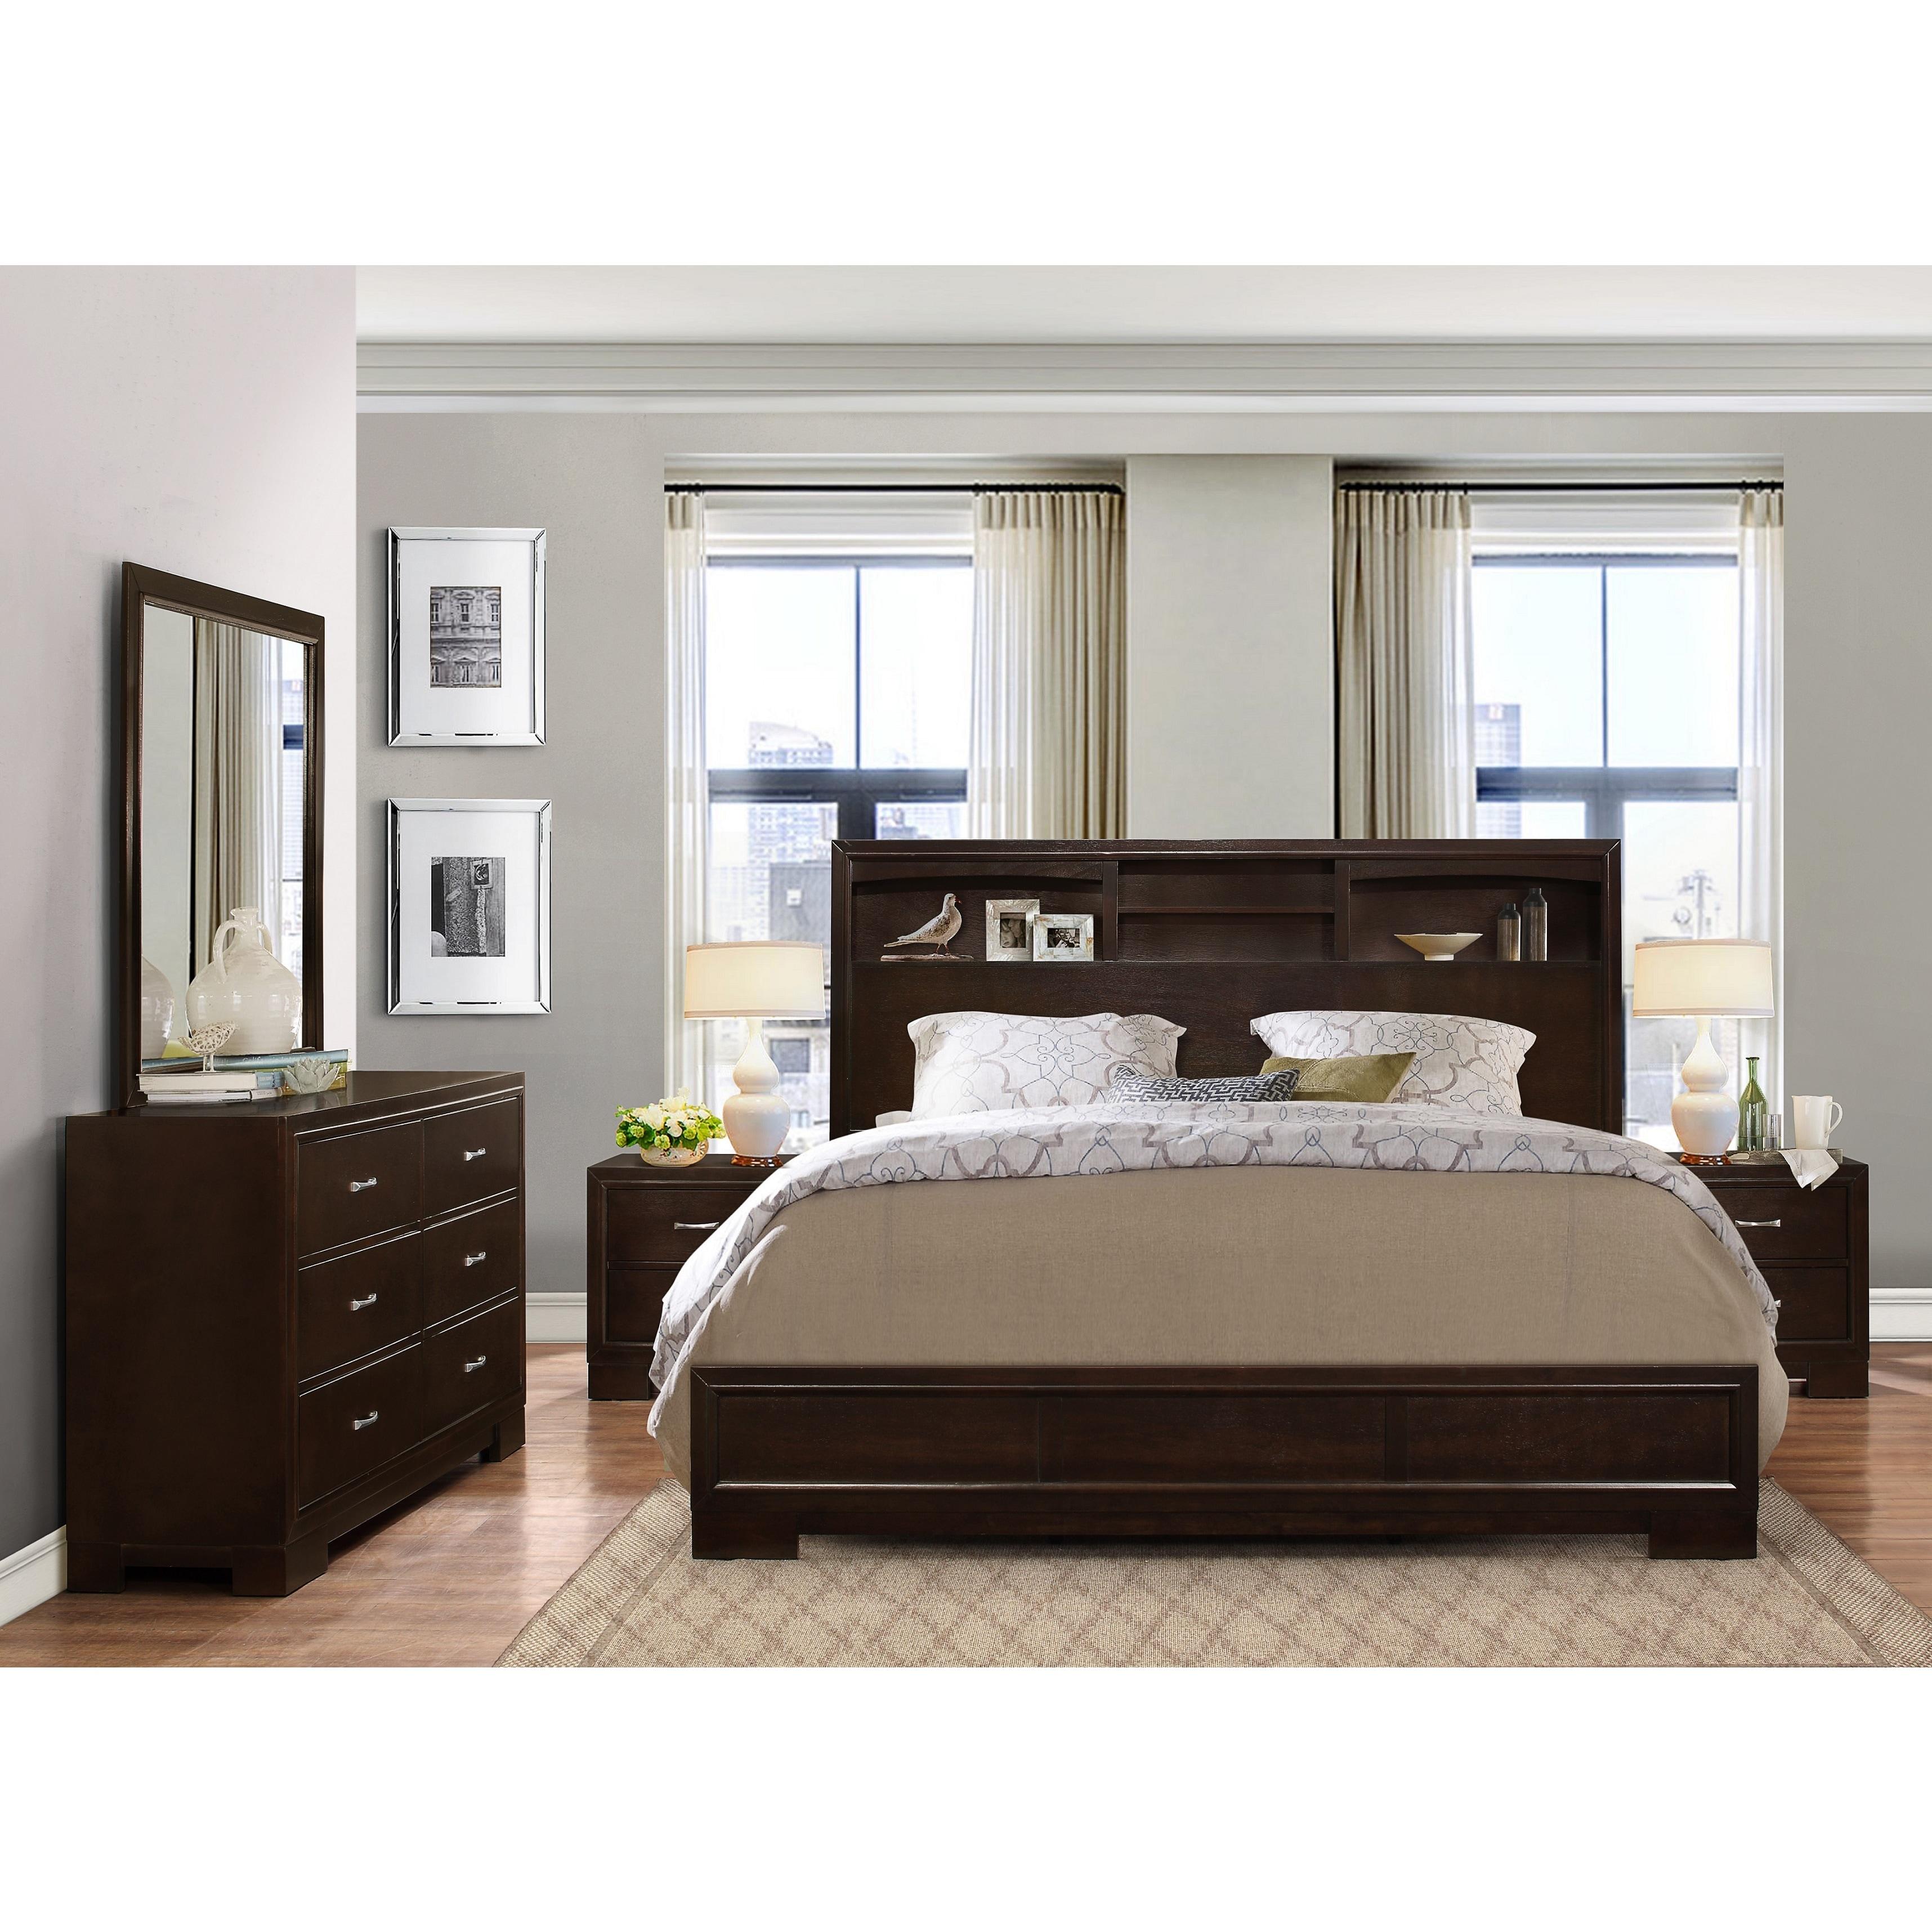 Shop Montana Walnut Modern 4 Piece Wood Bedroom Set With Queen Bed